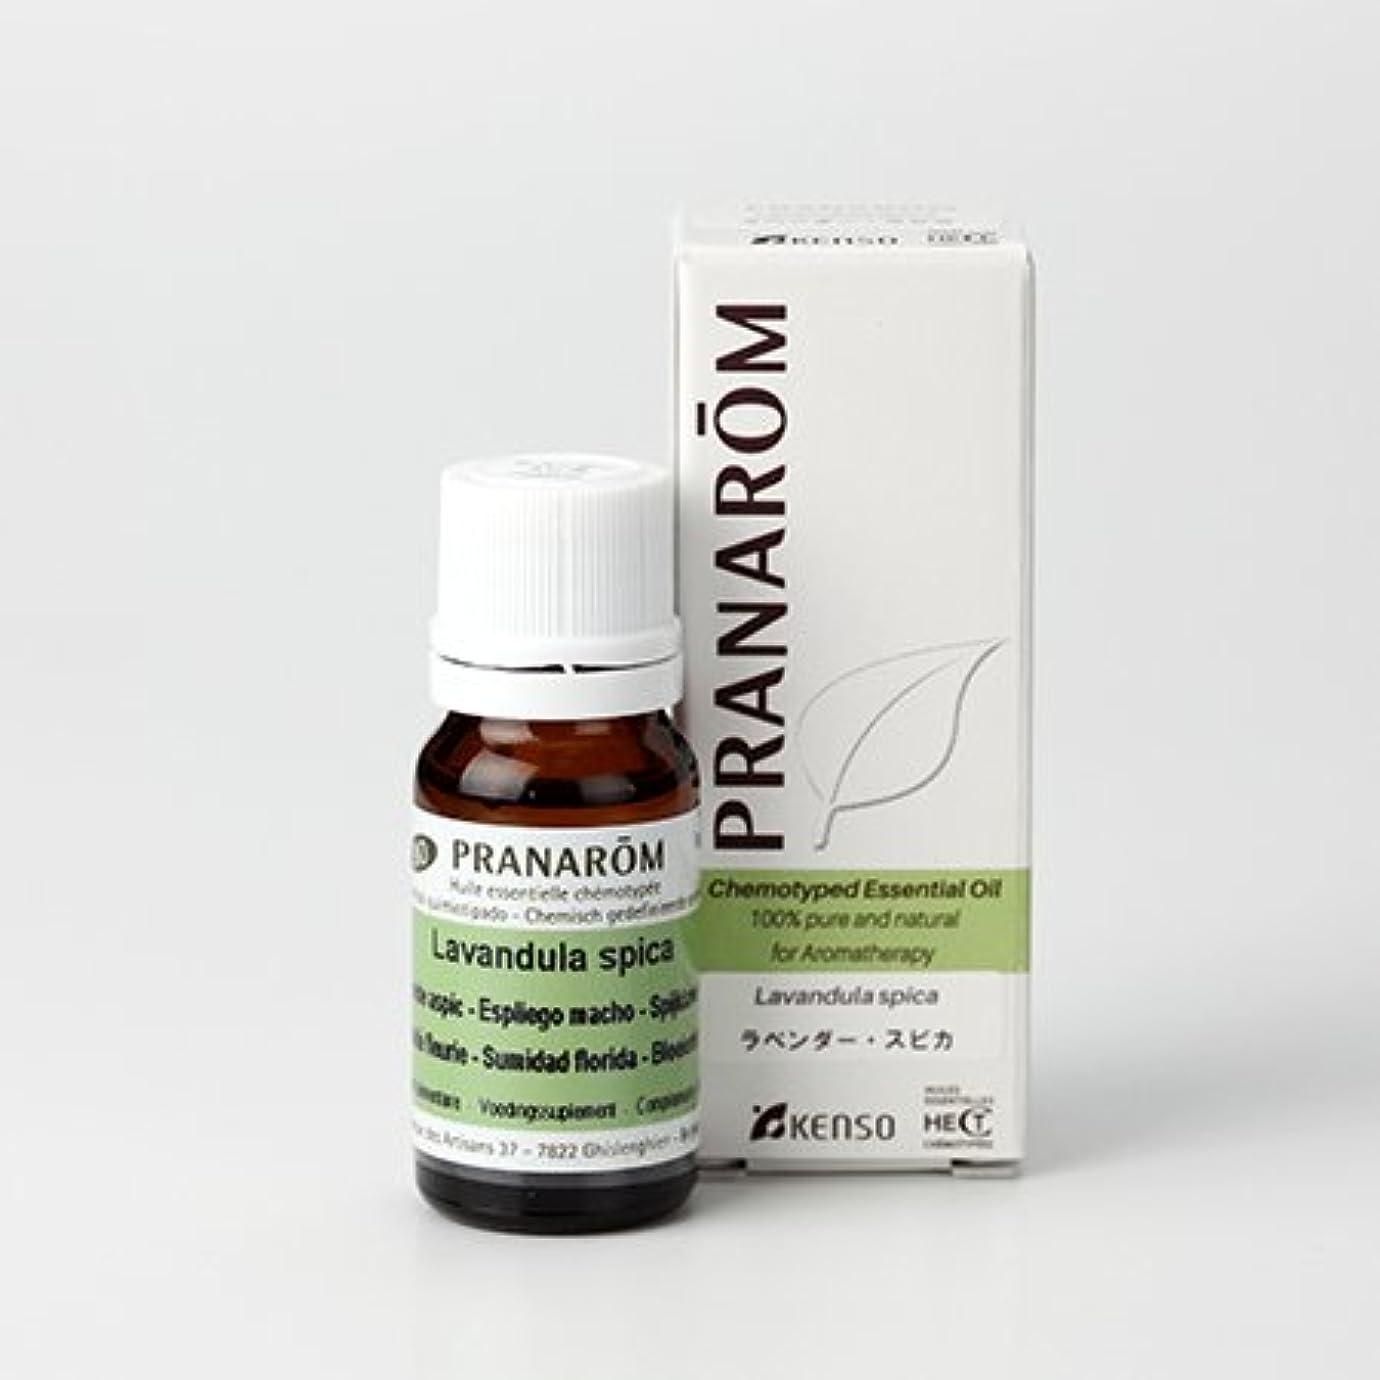 同種の蒸留するもちろんプラナロム ( PRANAROM ) 精油 ラベンダー?スピカ 10ml p-101 ラベンダースピカ